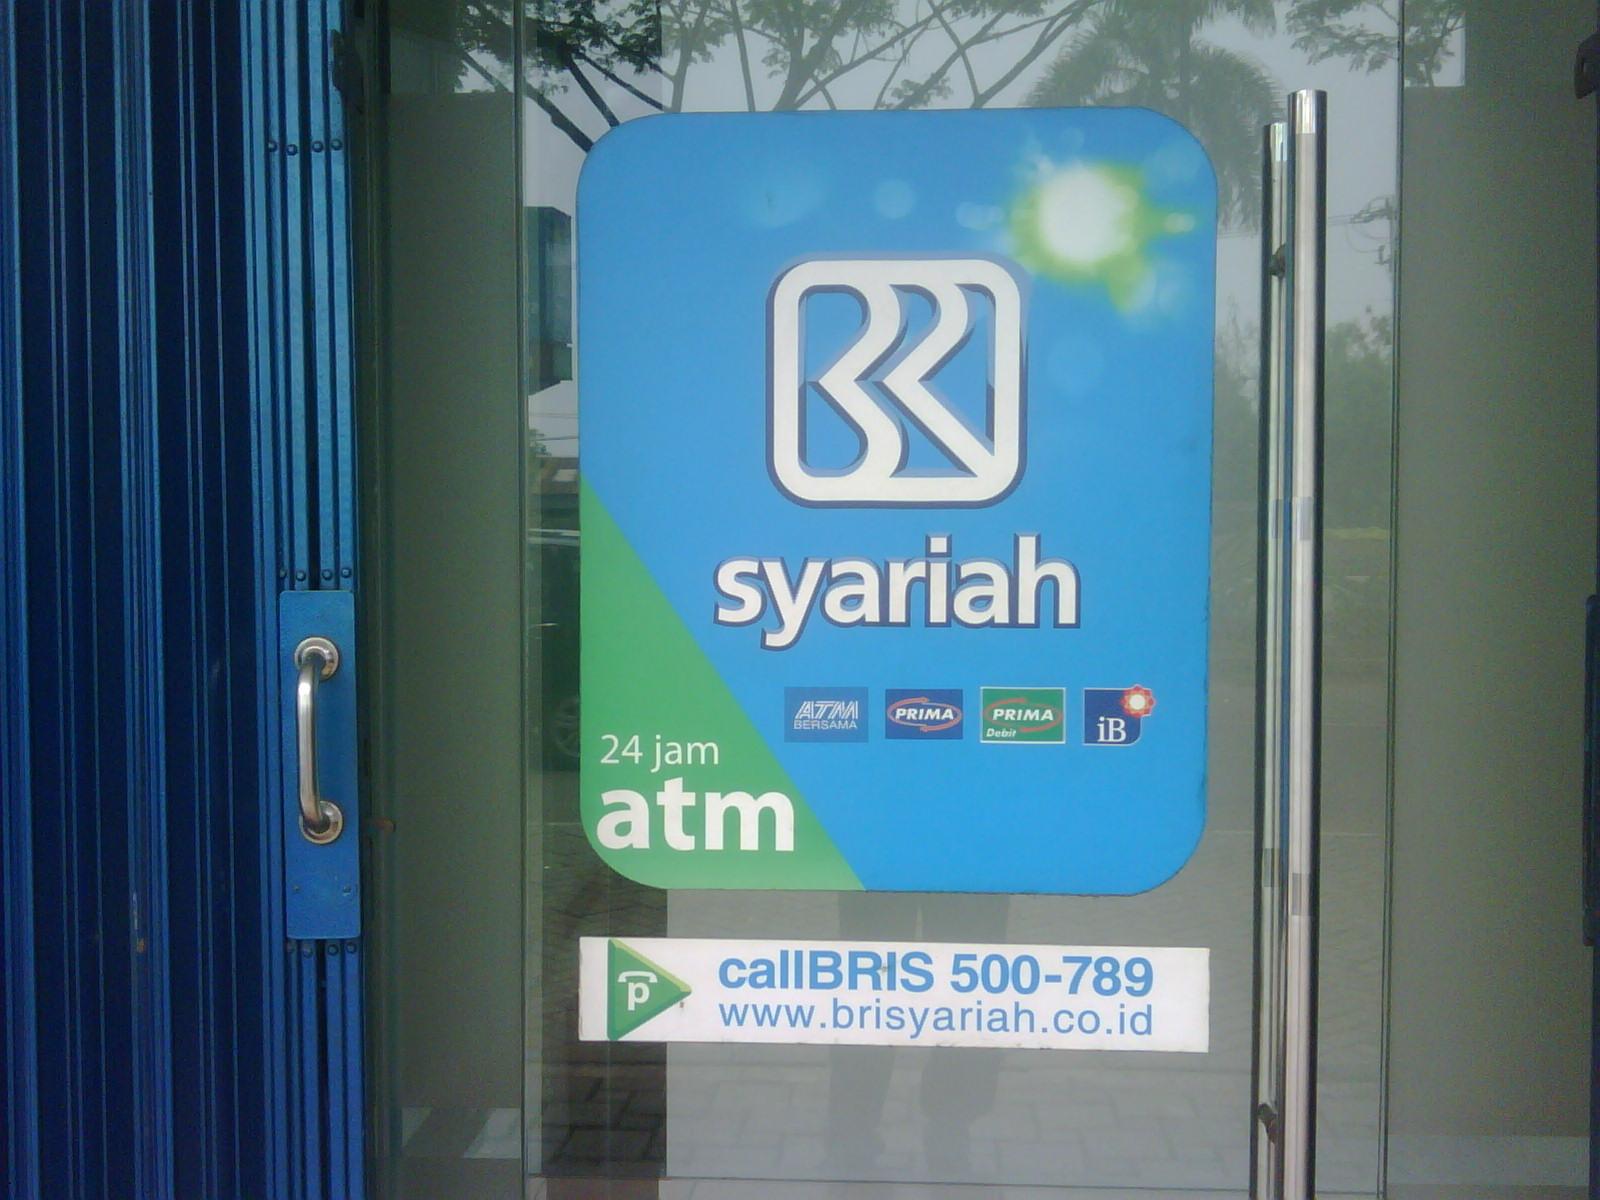 Lowongan Kerja 2013 Terbaru 2013 PT Bank BRI Syariah - Minimal S1